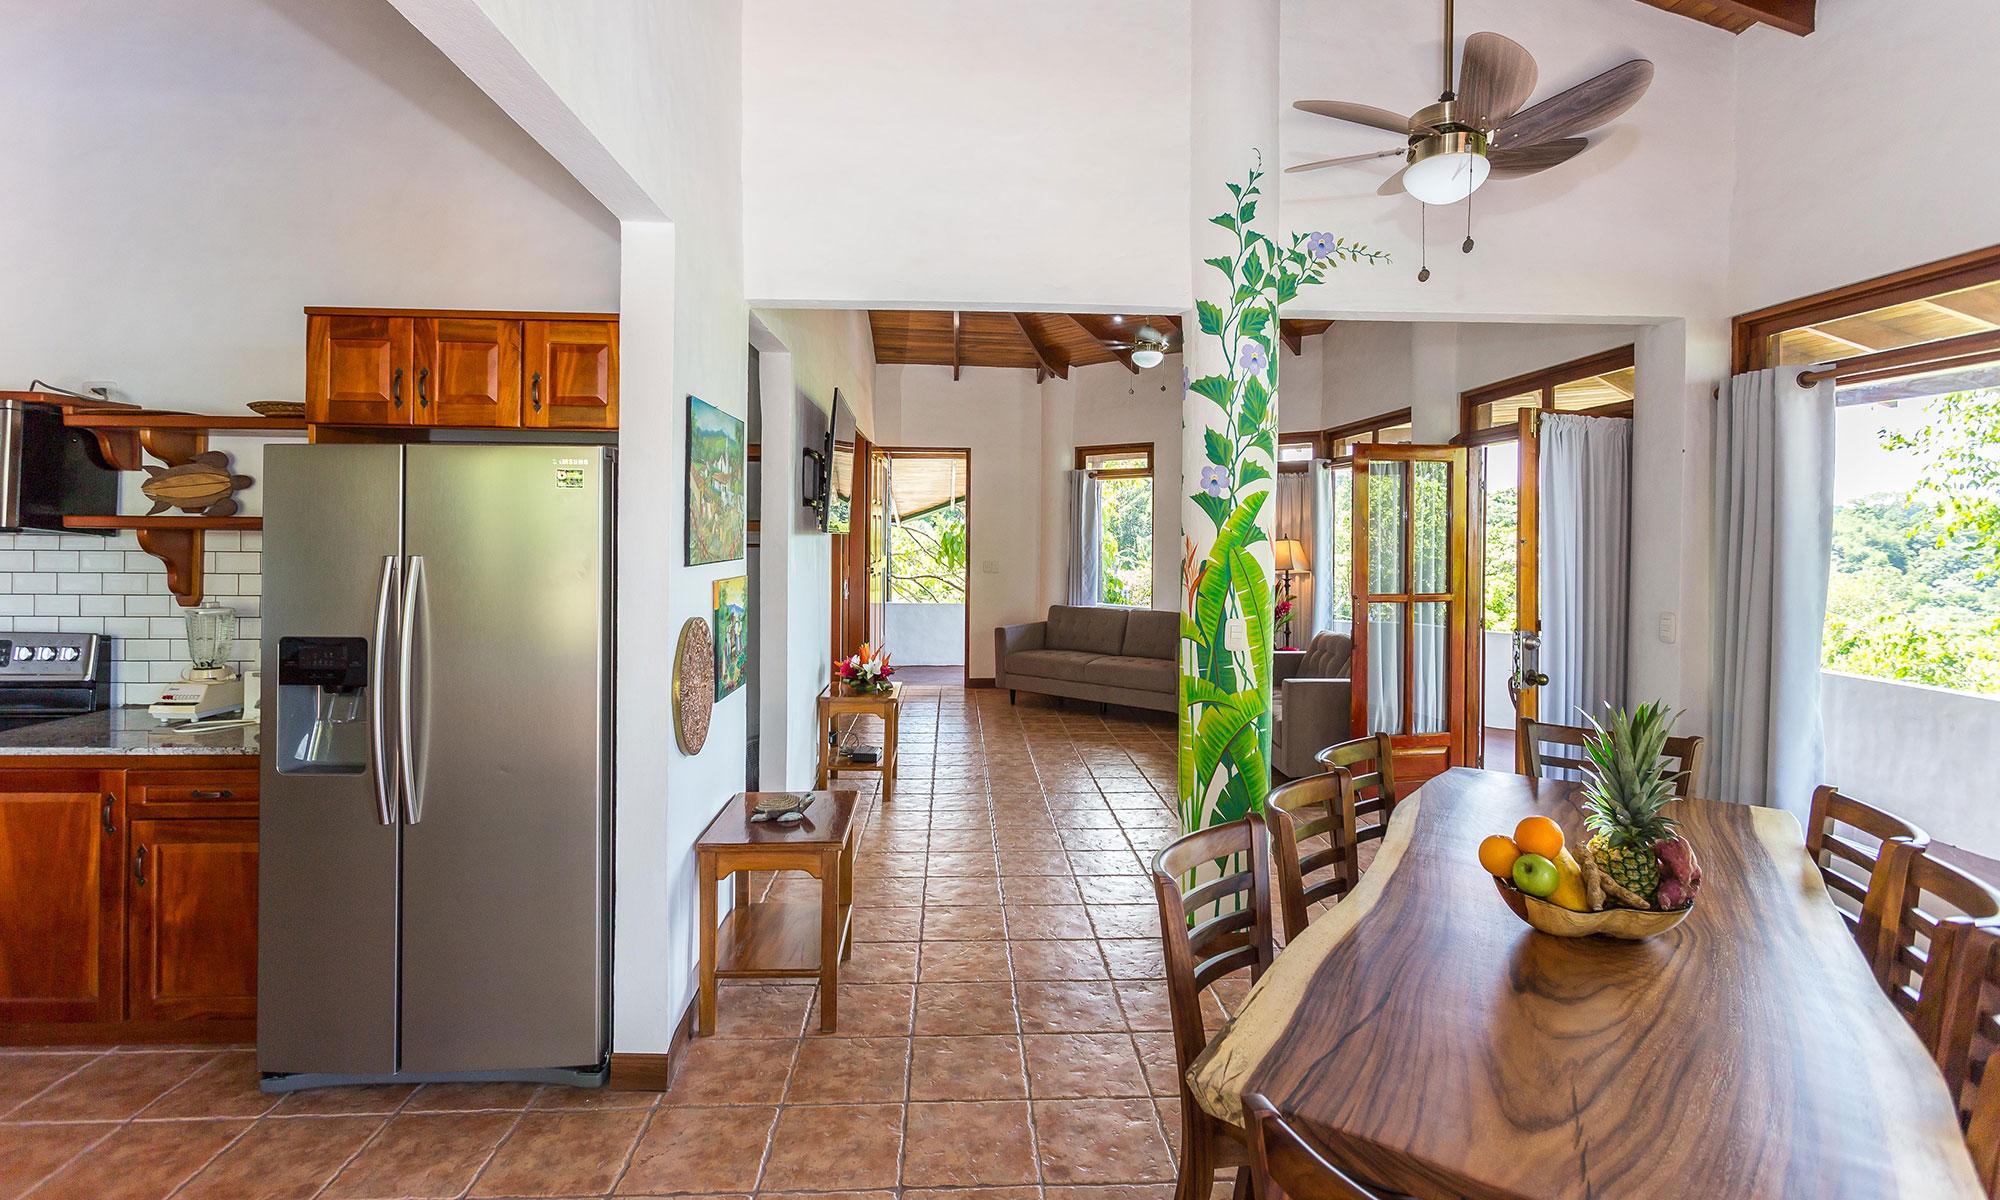 Villa Natura kitchen and dining